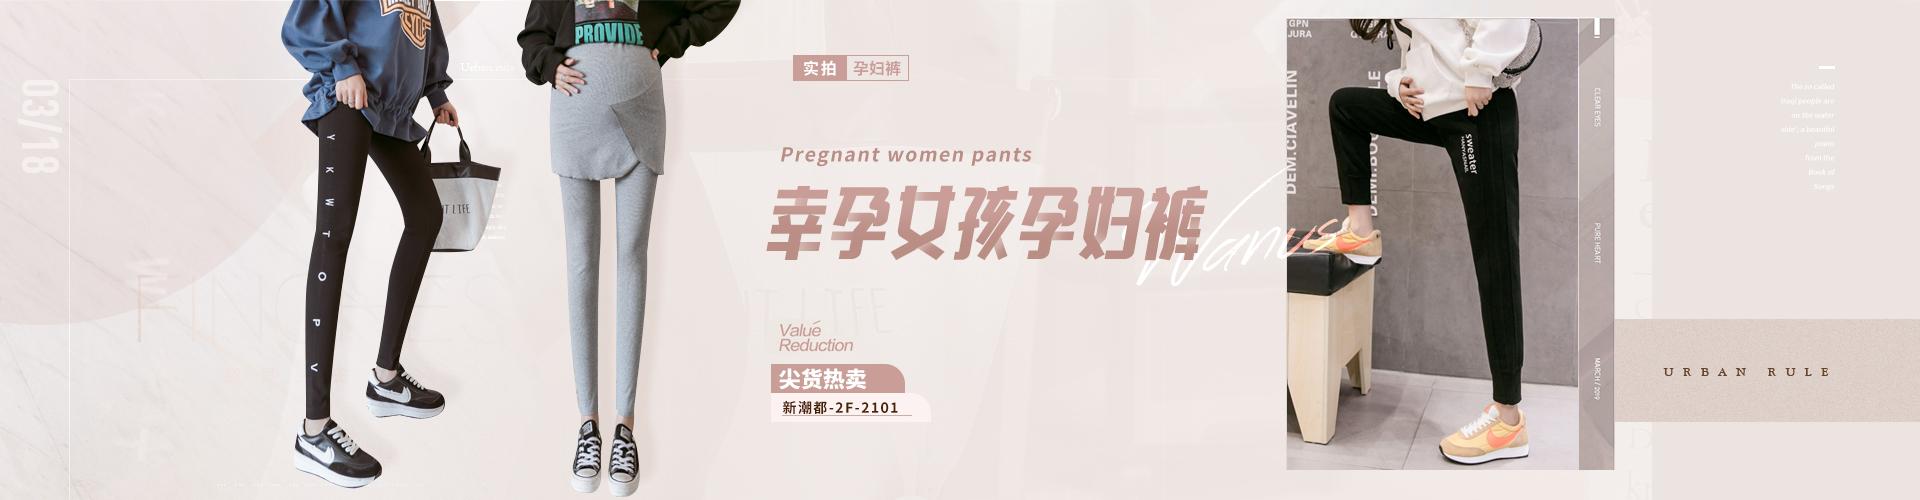 幸孕女孩孕妇裤